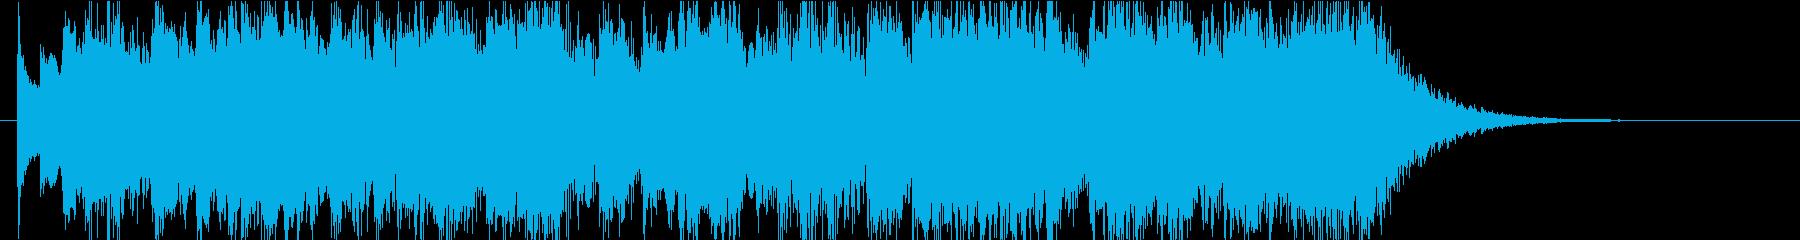 怪しい雰囲気のダークメルヘンなEDの再生済みの波形